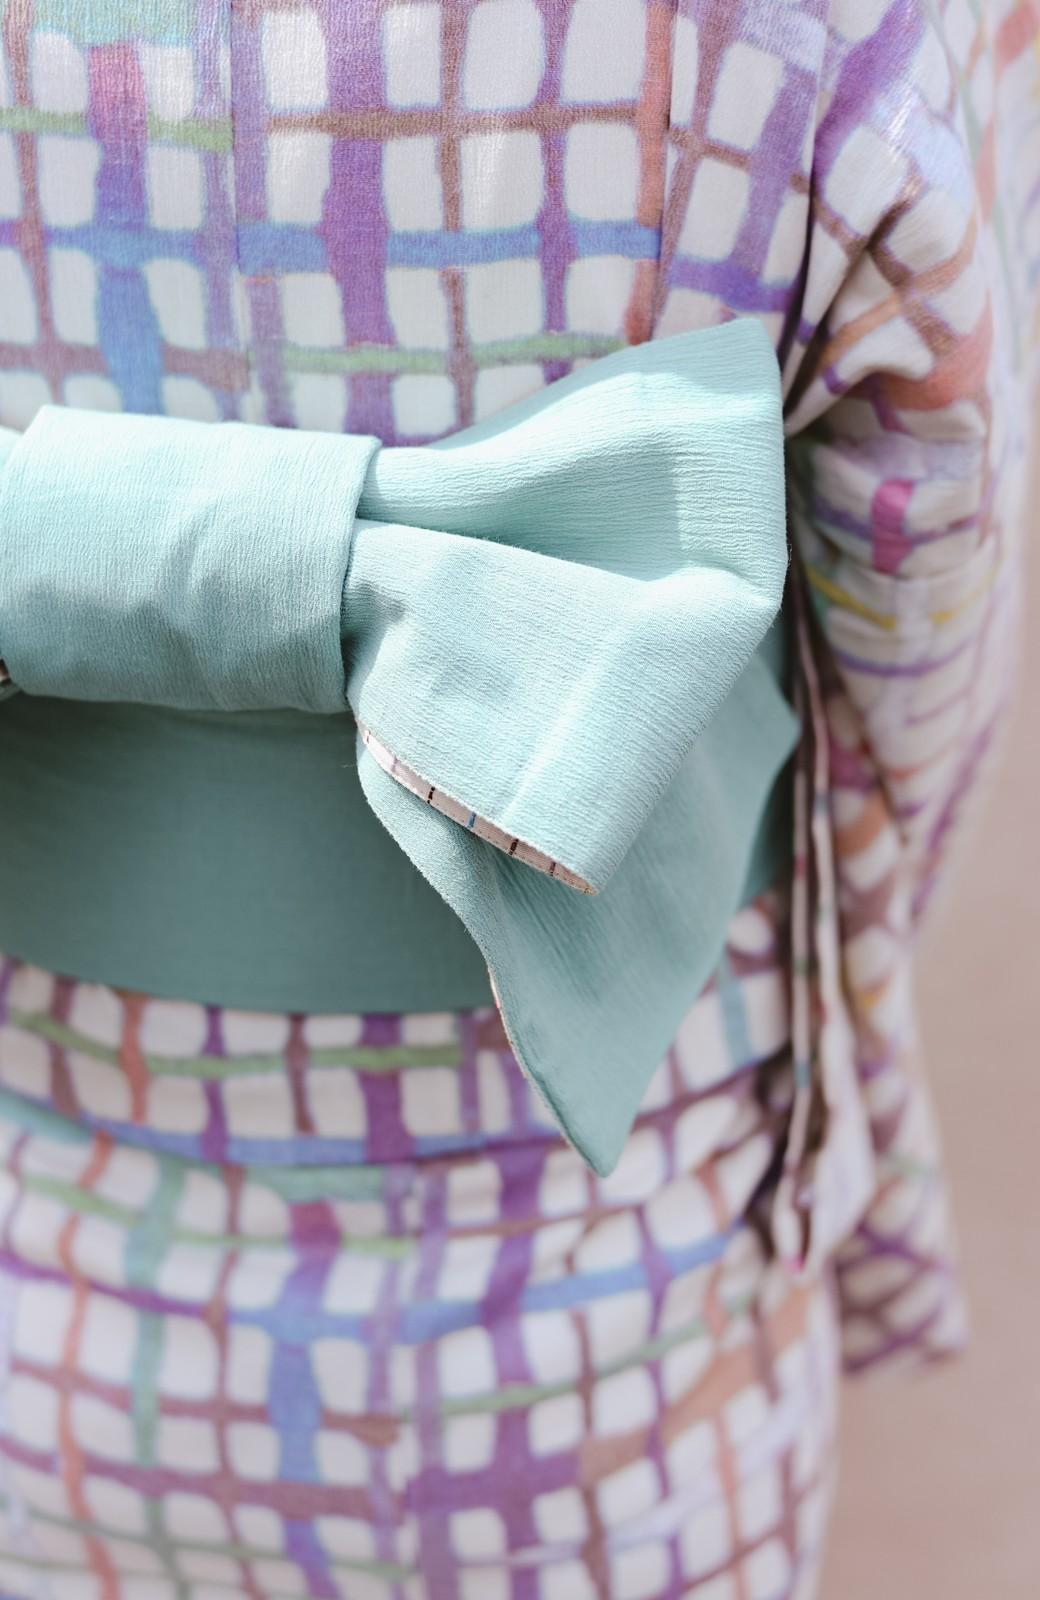 haco! ひでや工房 京都の半巾帯 小格子 <カラフル>の商品写真19